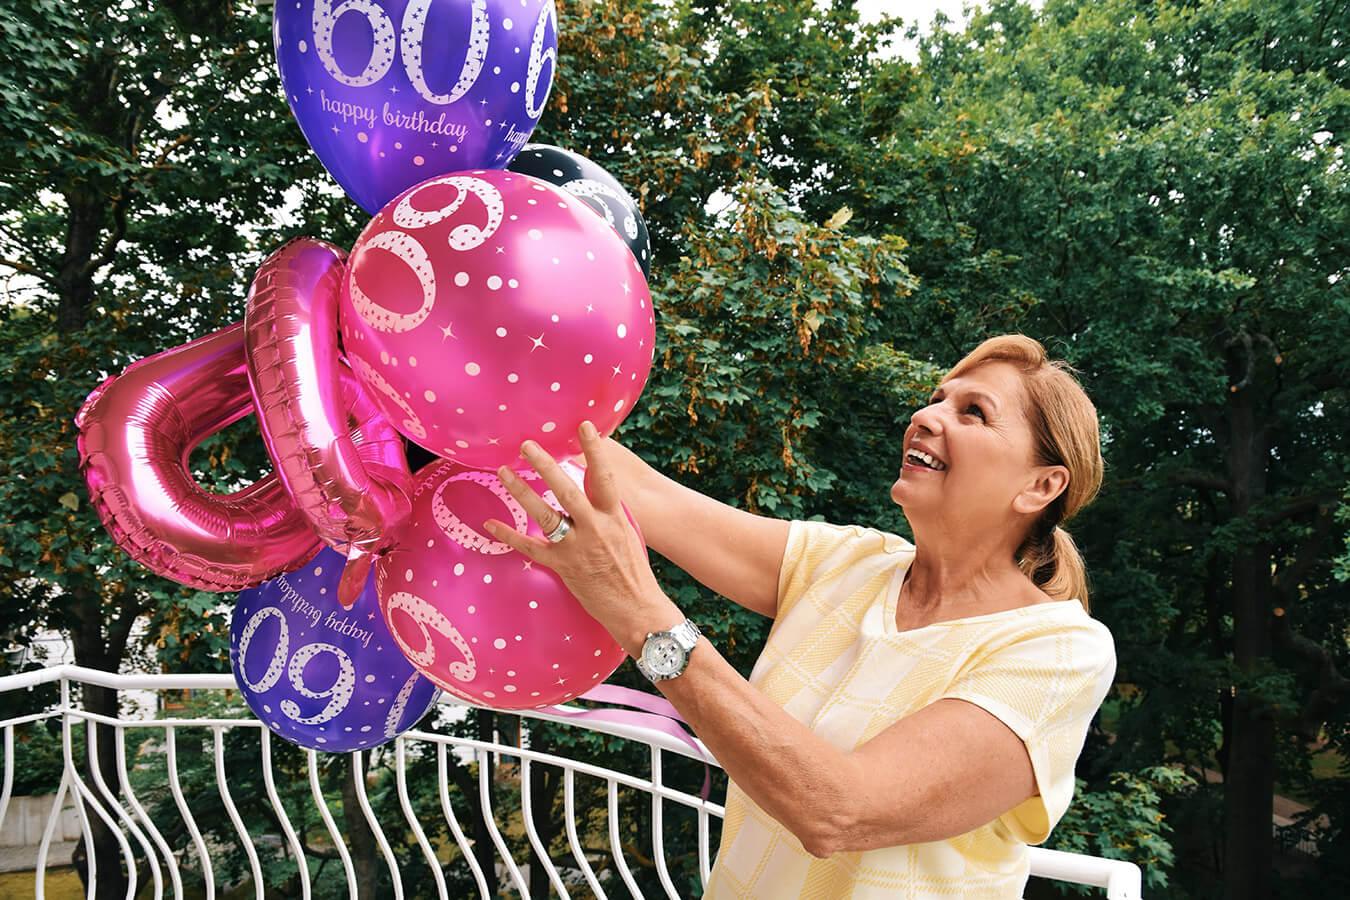 Życzenia na 60 urodziny – czego życzyć jubilatowi?